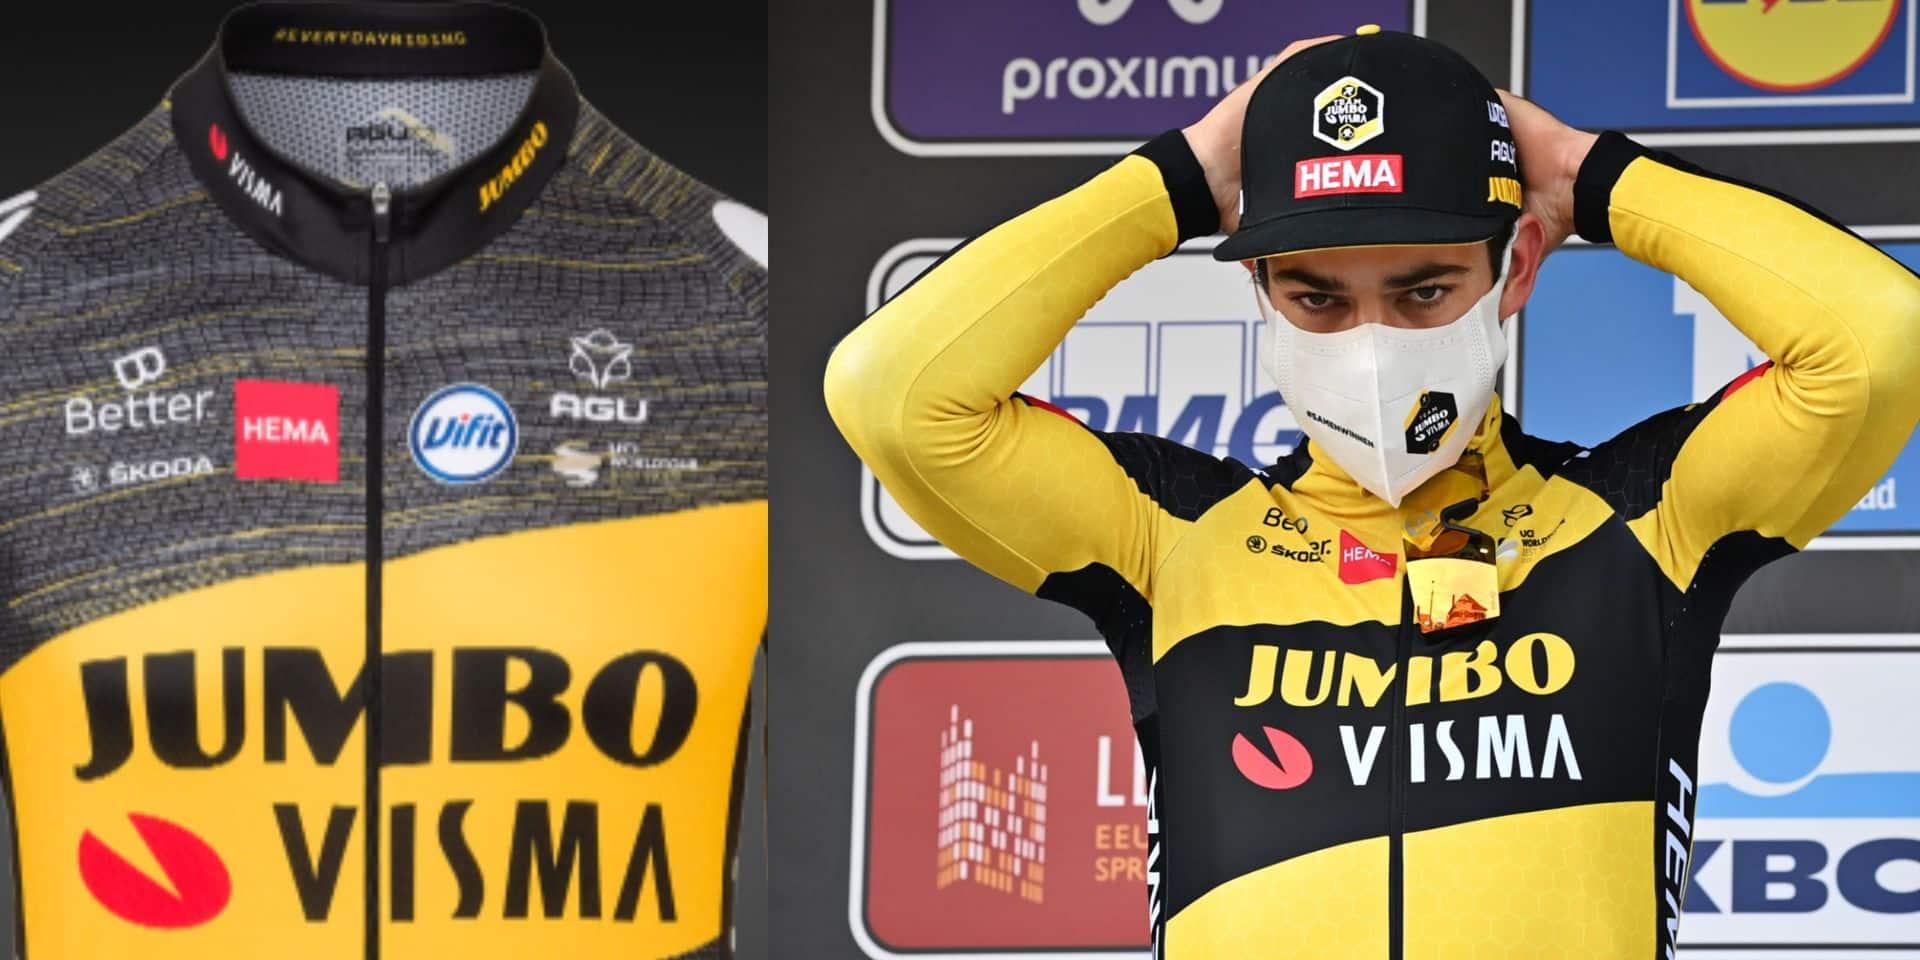 Voici le maillot que porteront Van Aert et Roglic sur le prochain Tour de France (PHOTO)